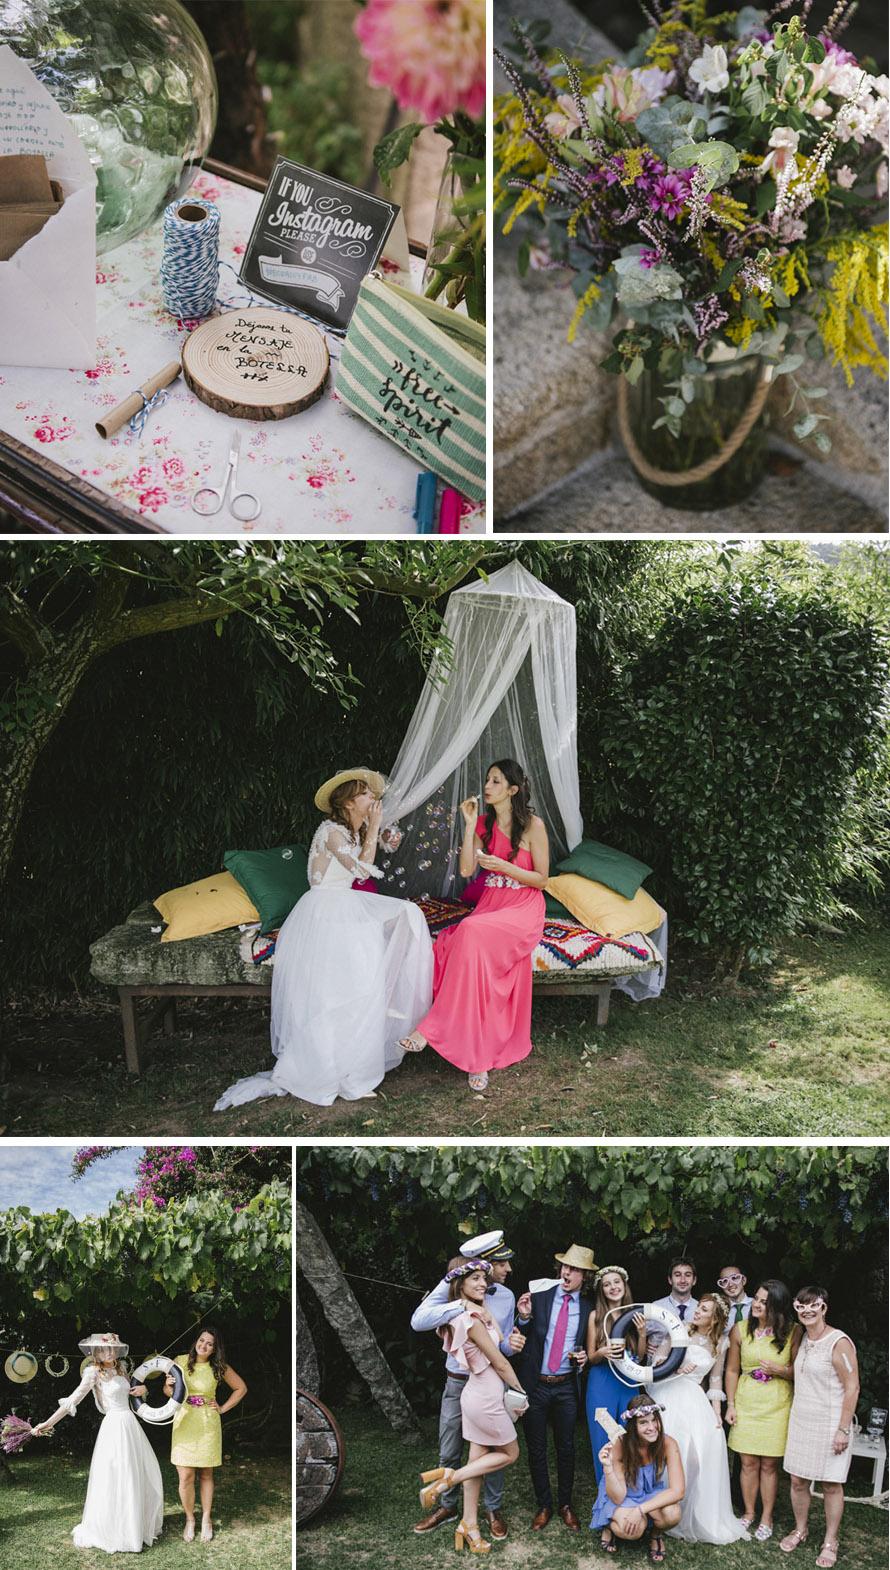 Mesa de firmas con botella para dejar un mensaje a los novios en un pergamino; rincón mosquitera y photocall con salvavidas de la boda y cuerda con sombreros